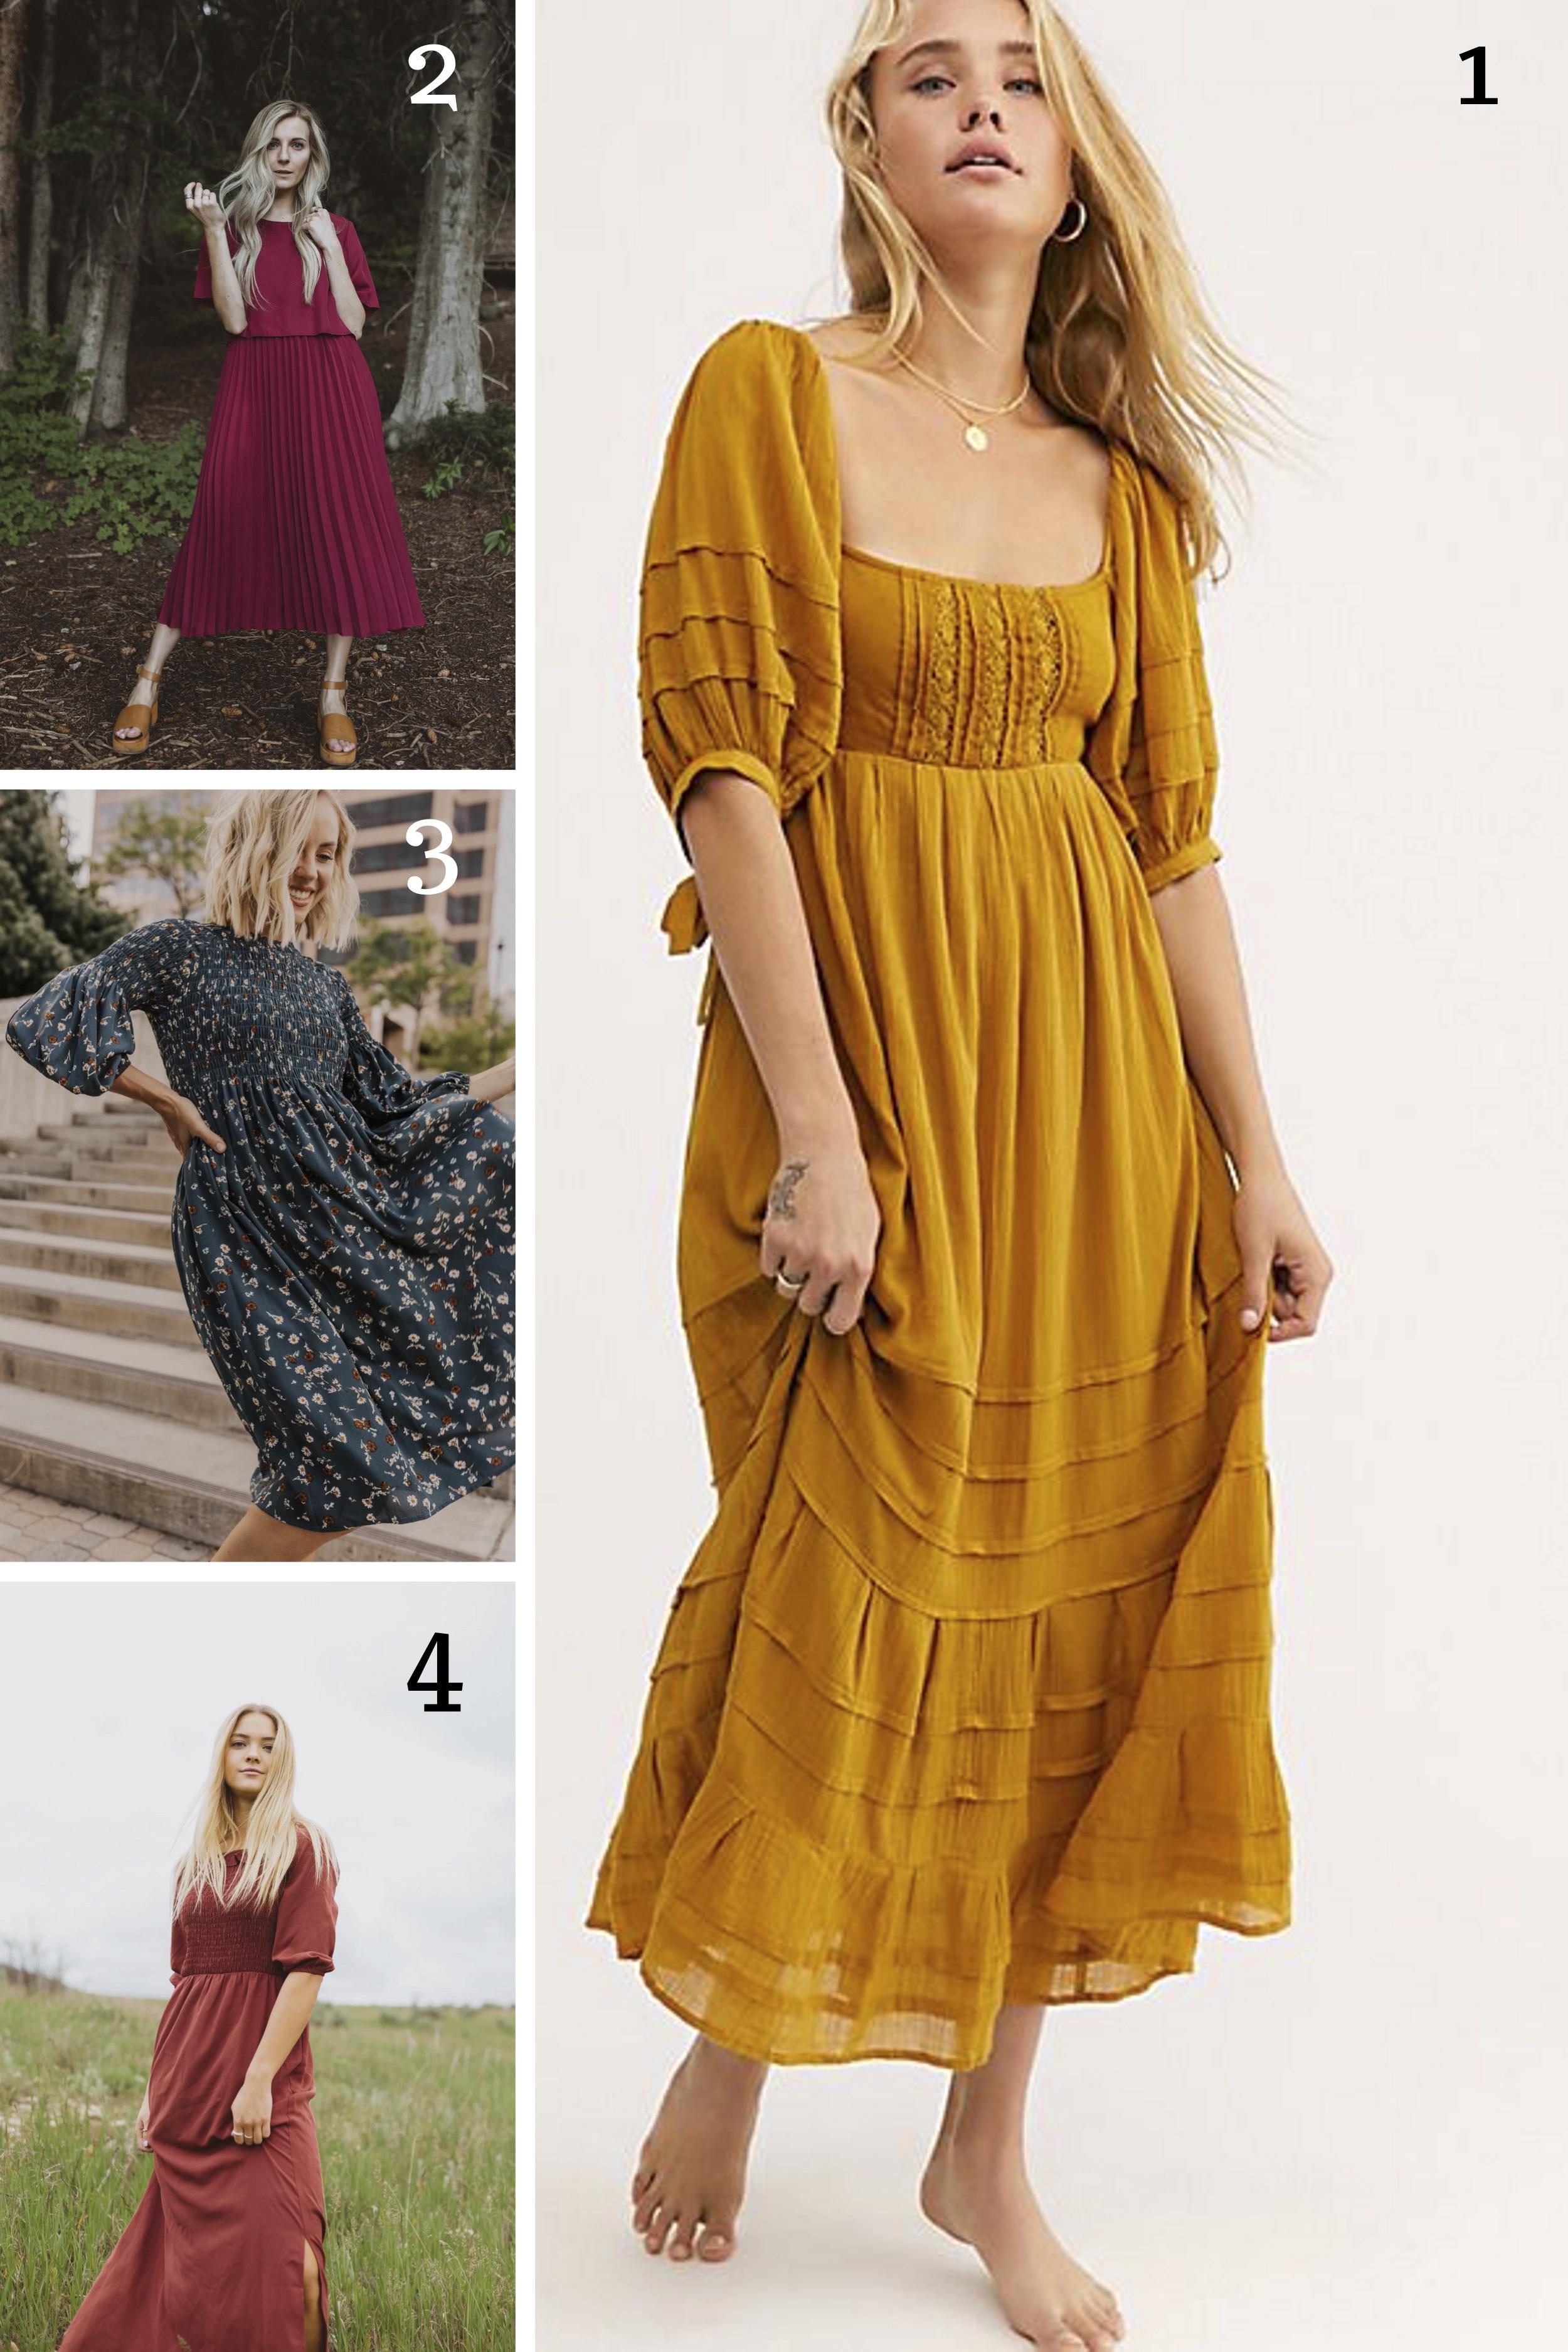 1.  Yellow Free People Dress  || 2.  Burgundy Bib Dress  || 3.  Blue Smocked Dress  || 4.  Ruffle Maxi dress